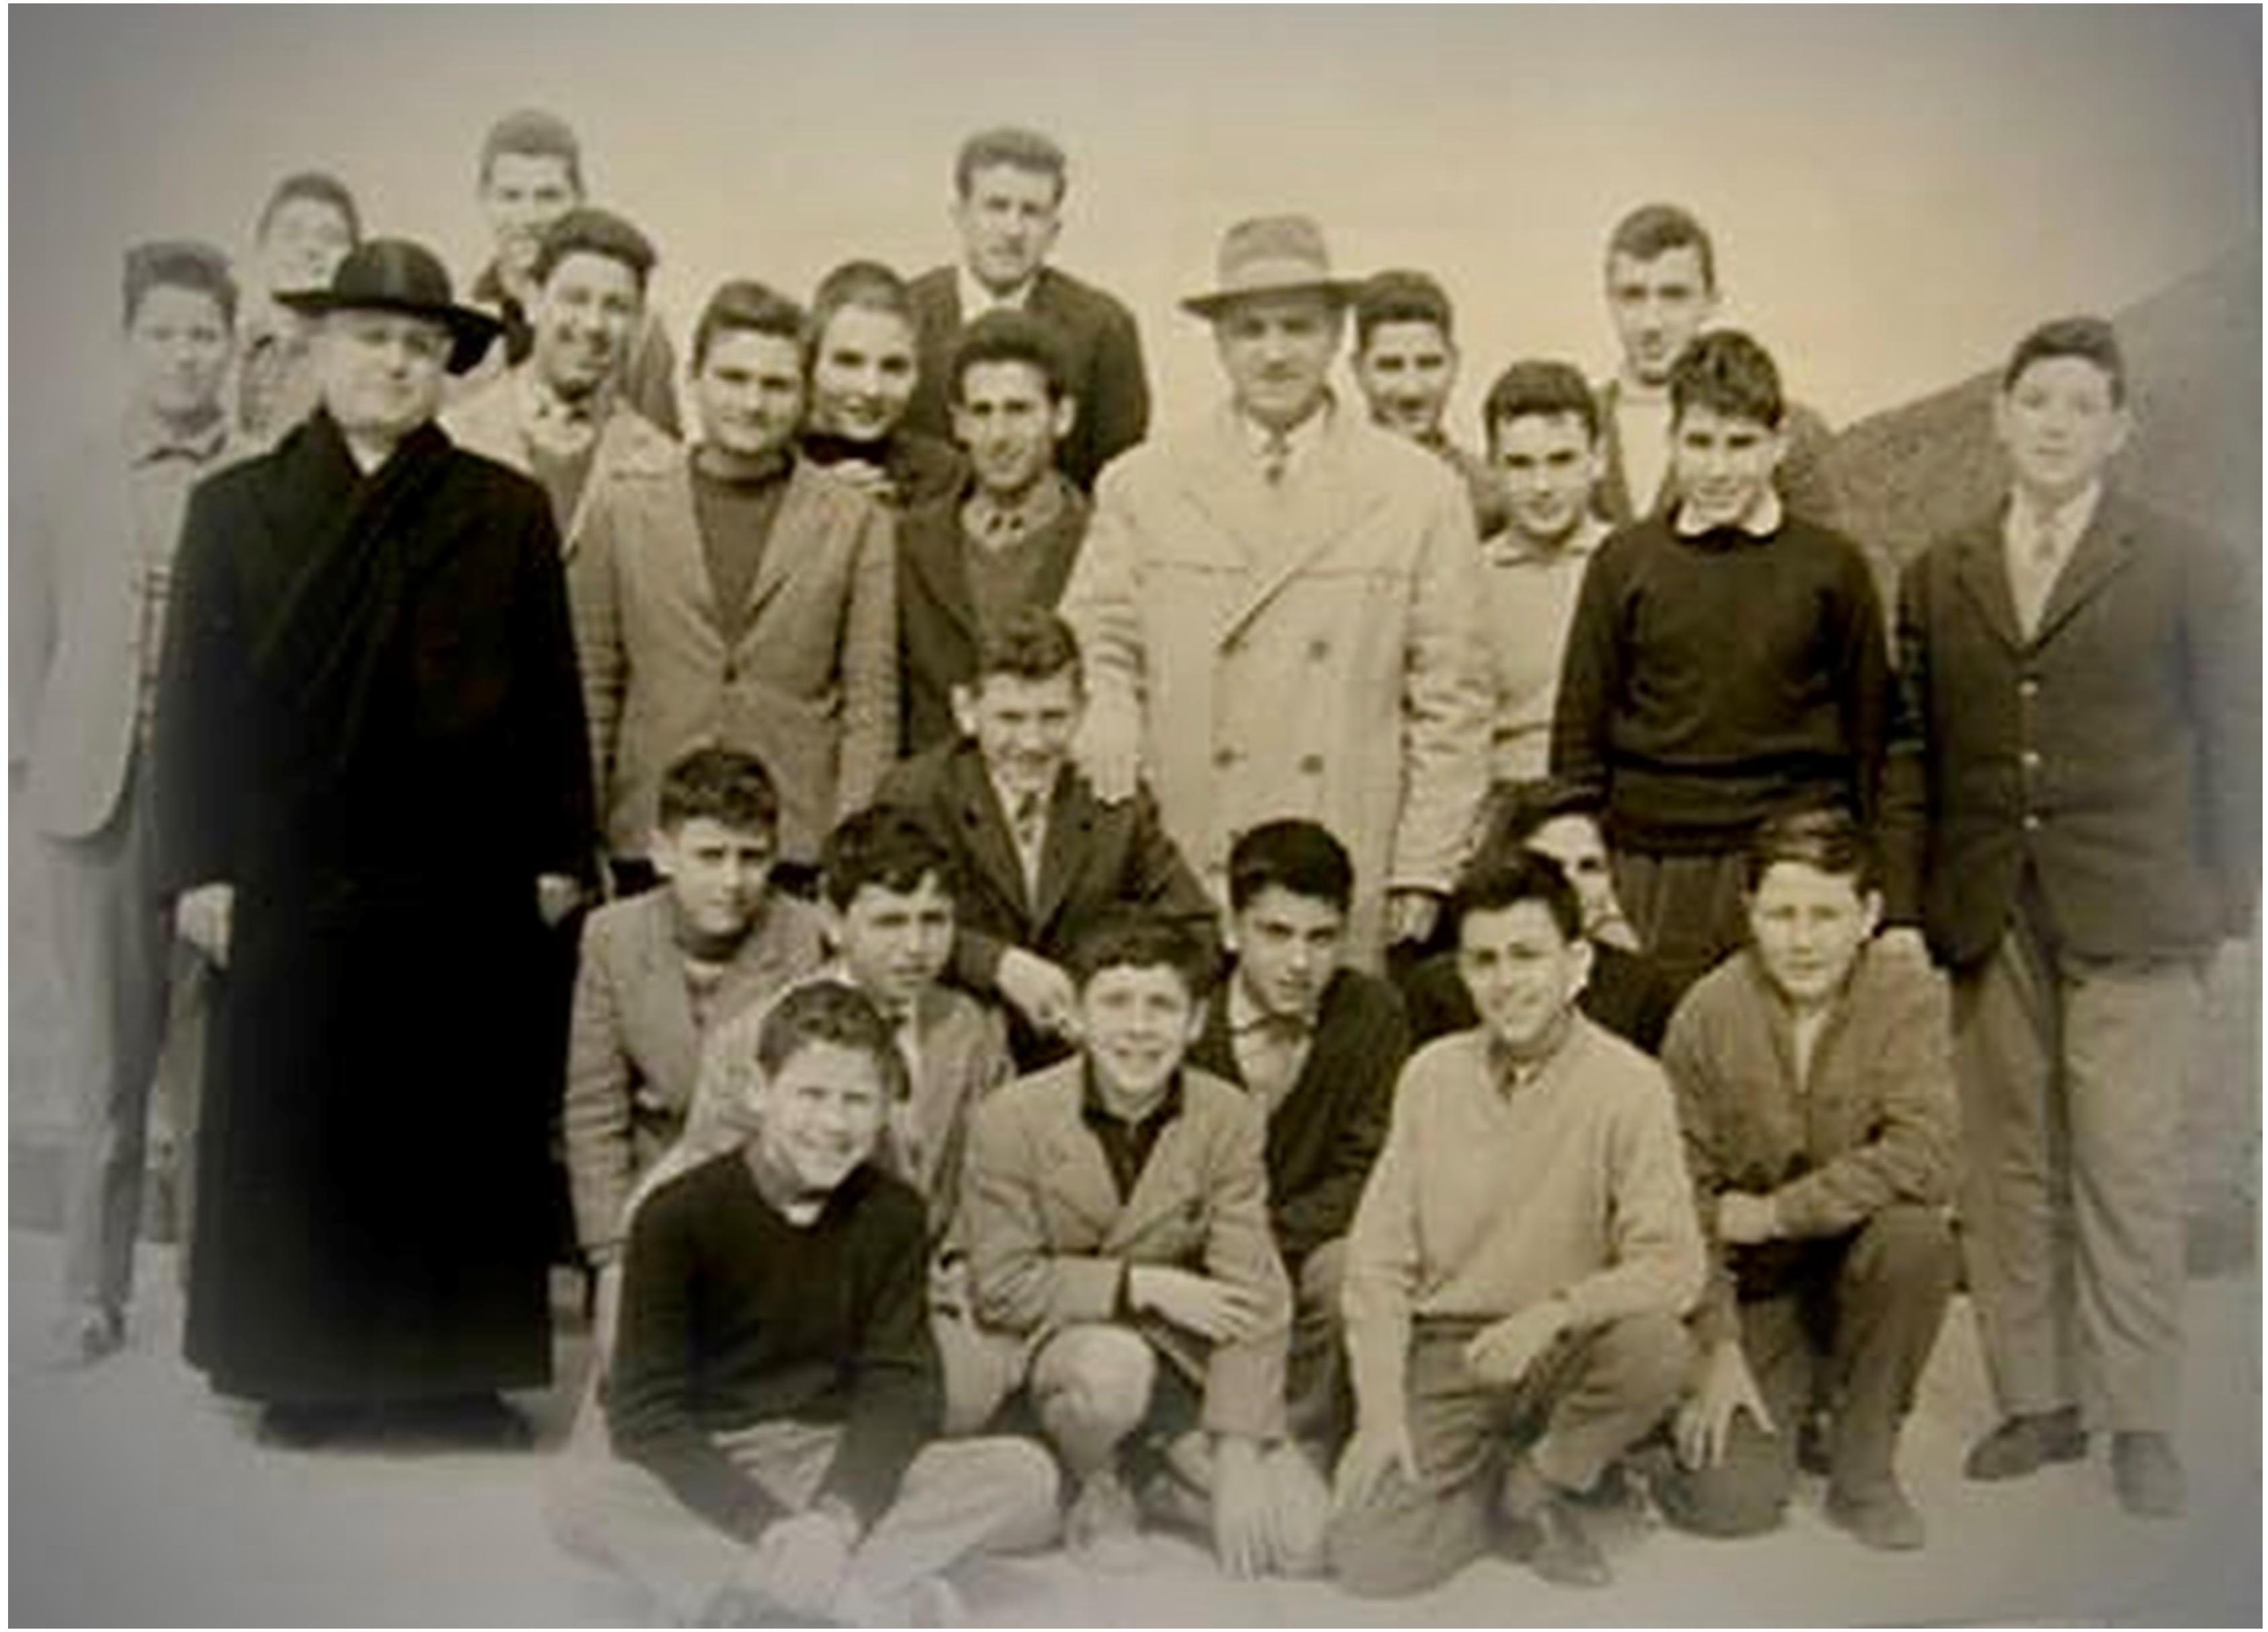 """Il prof. Camillo Pierattini e mons. Francesco Petrucci insieme ad un gruppo di alunni della Scuola Media Statale """"Albio Tibullo"""" sul terrazzo dell'ex Seminario vescovile. Il prof. Pierattini era il vice preside della scuola, anno 1958,"""